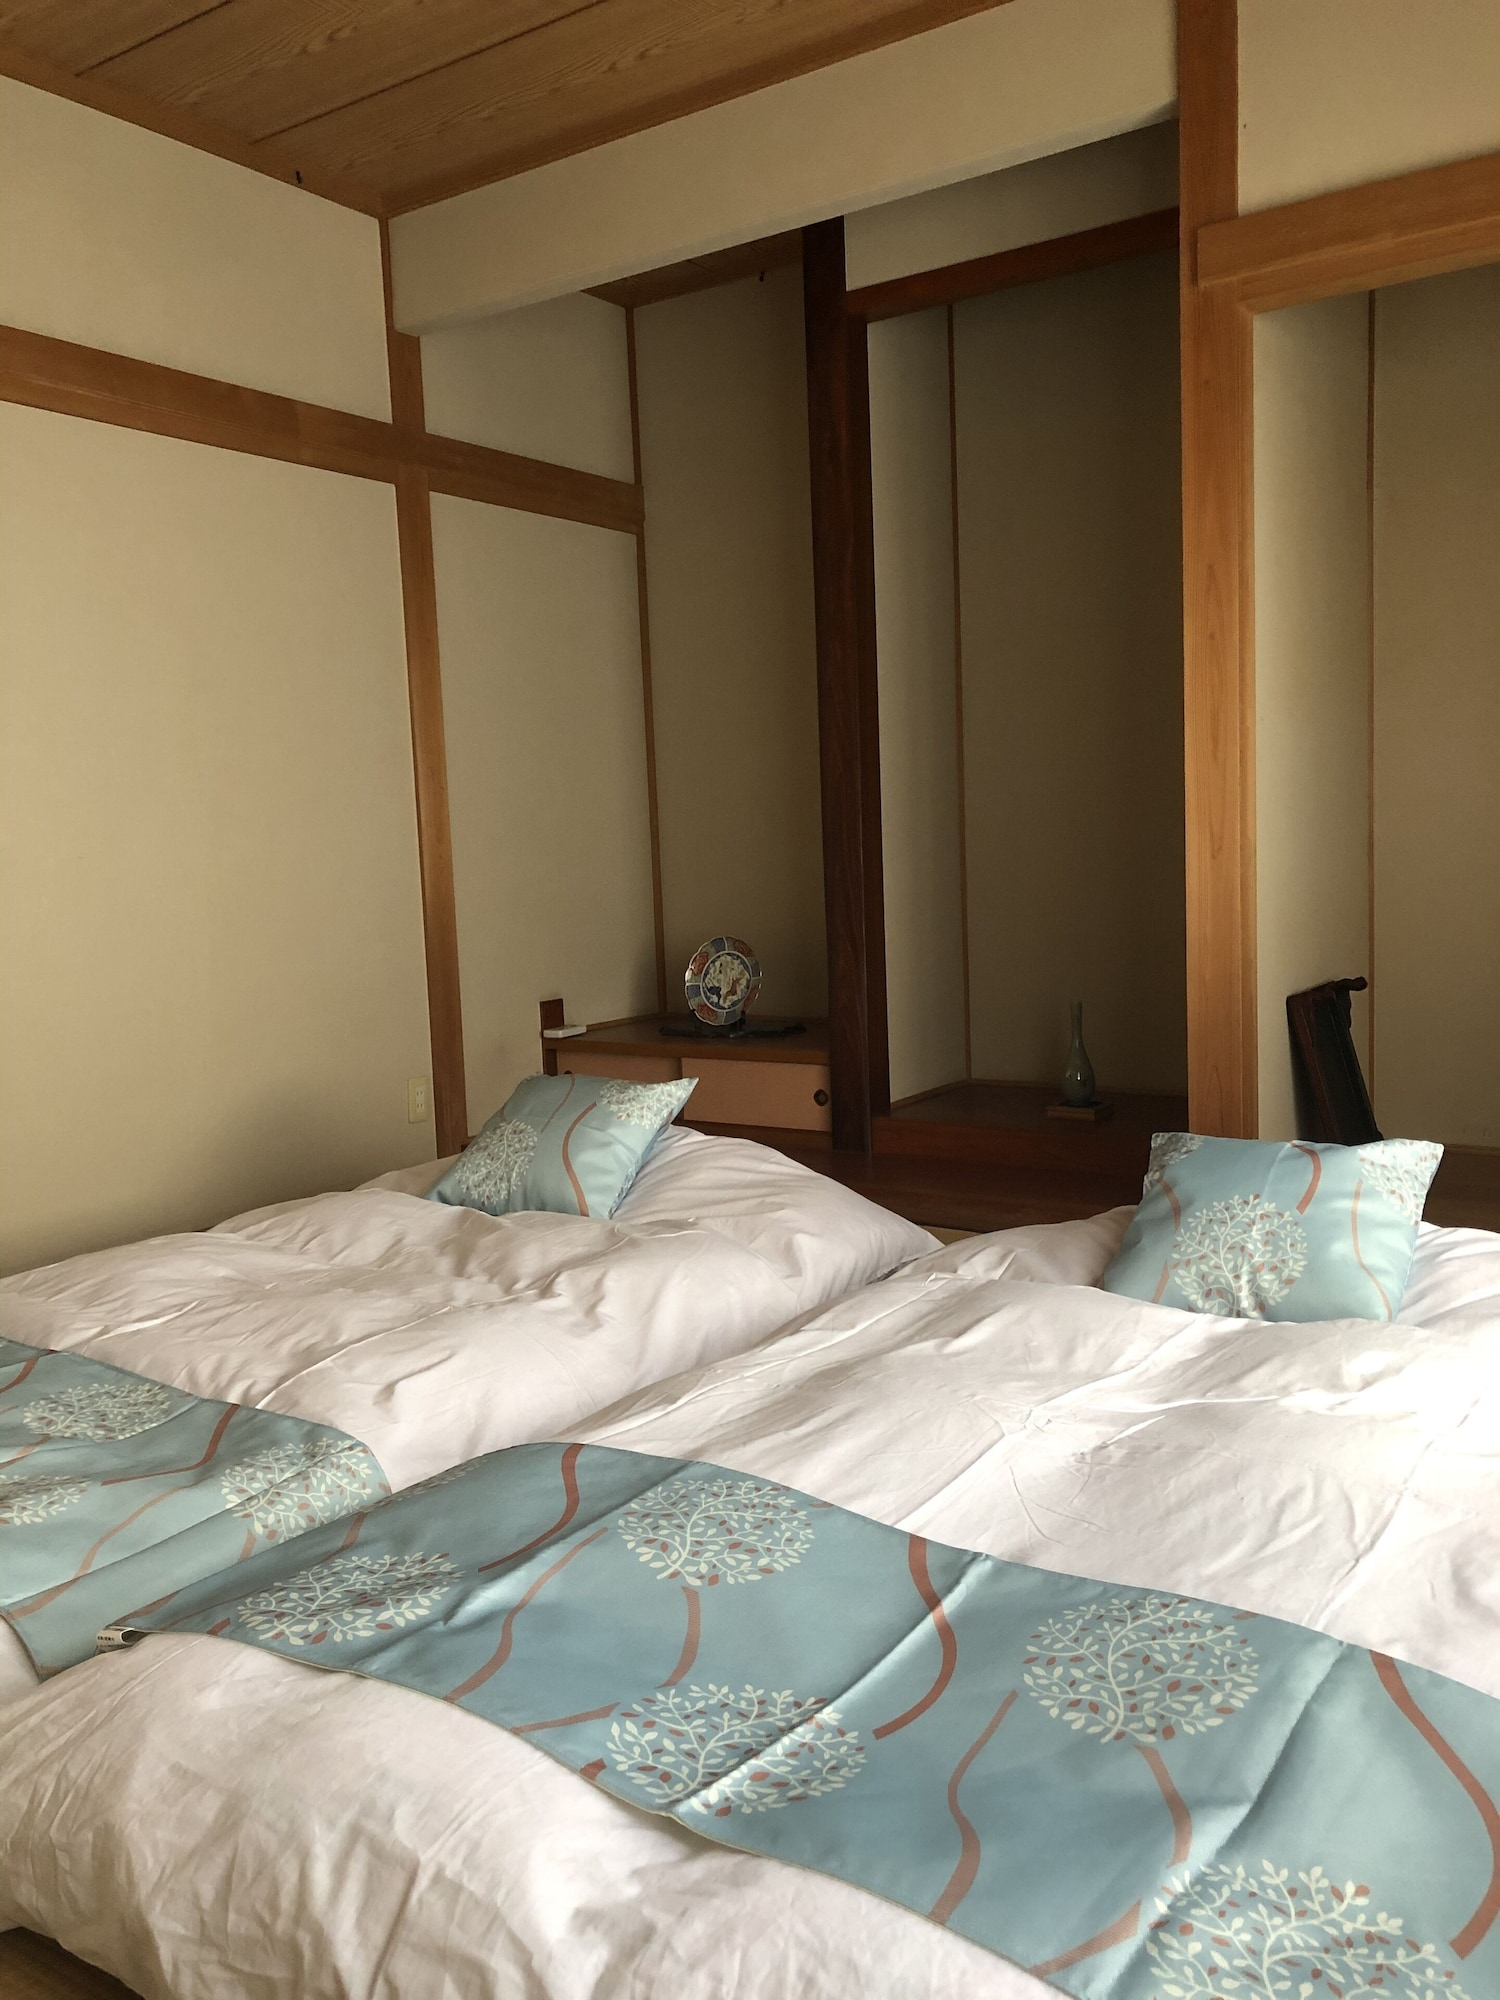 Yanagawa Guest House TSUNAYOSHI, Yanagawa